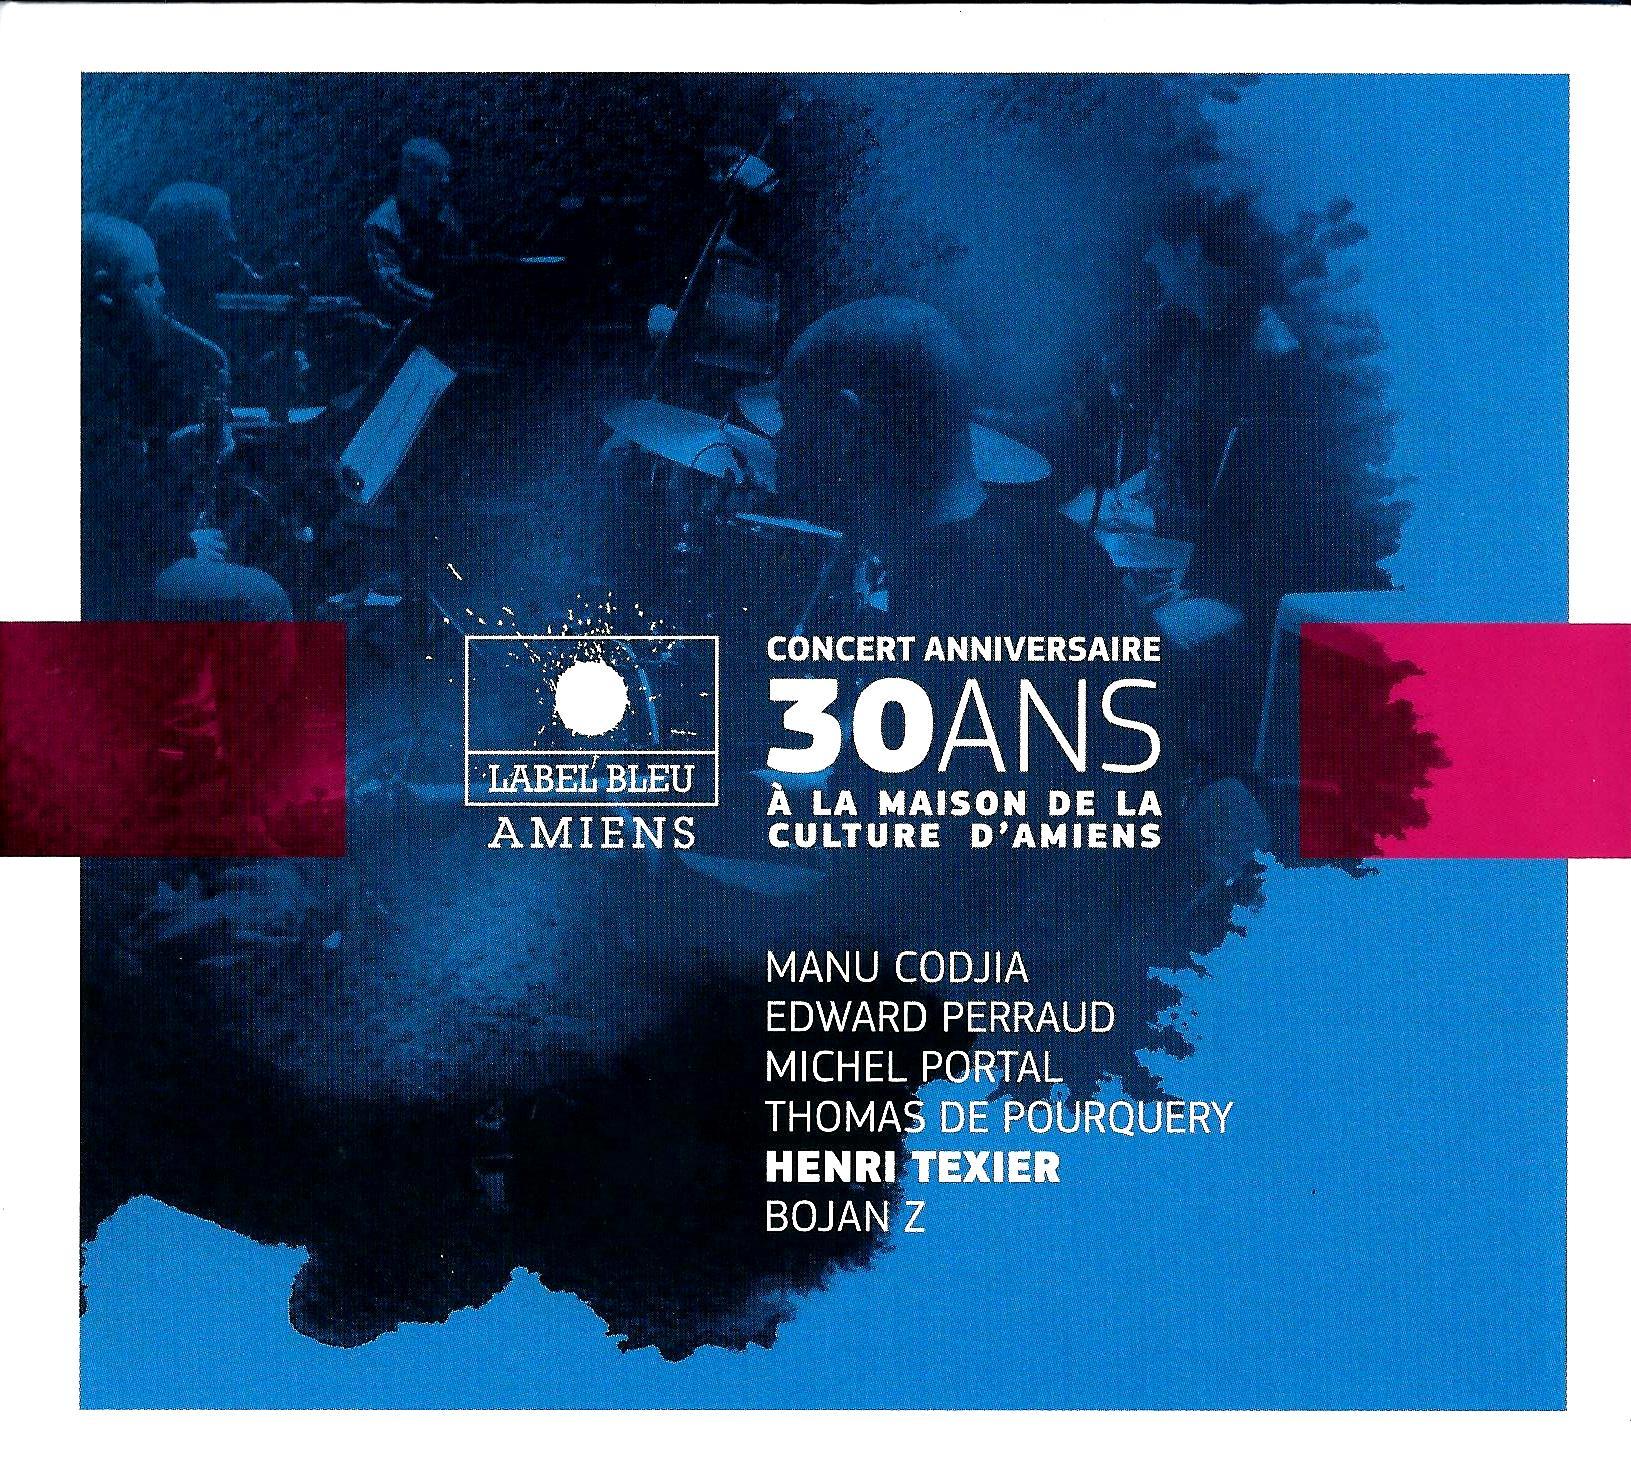 Concert Anniversaire 30 Ans Paris Move